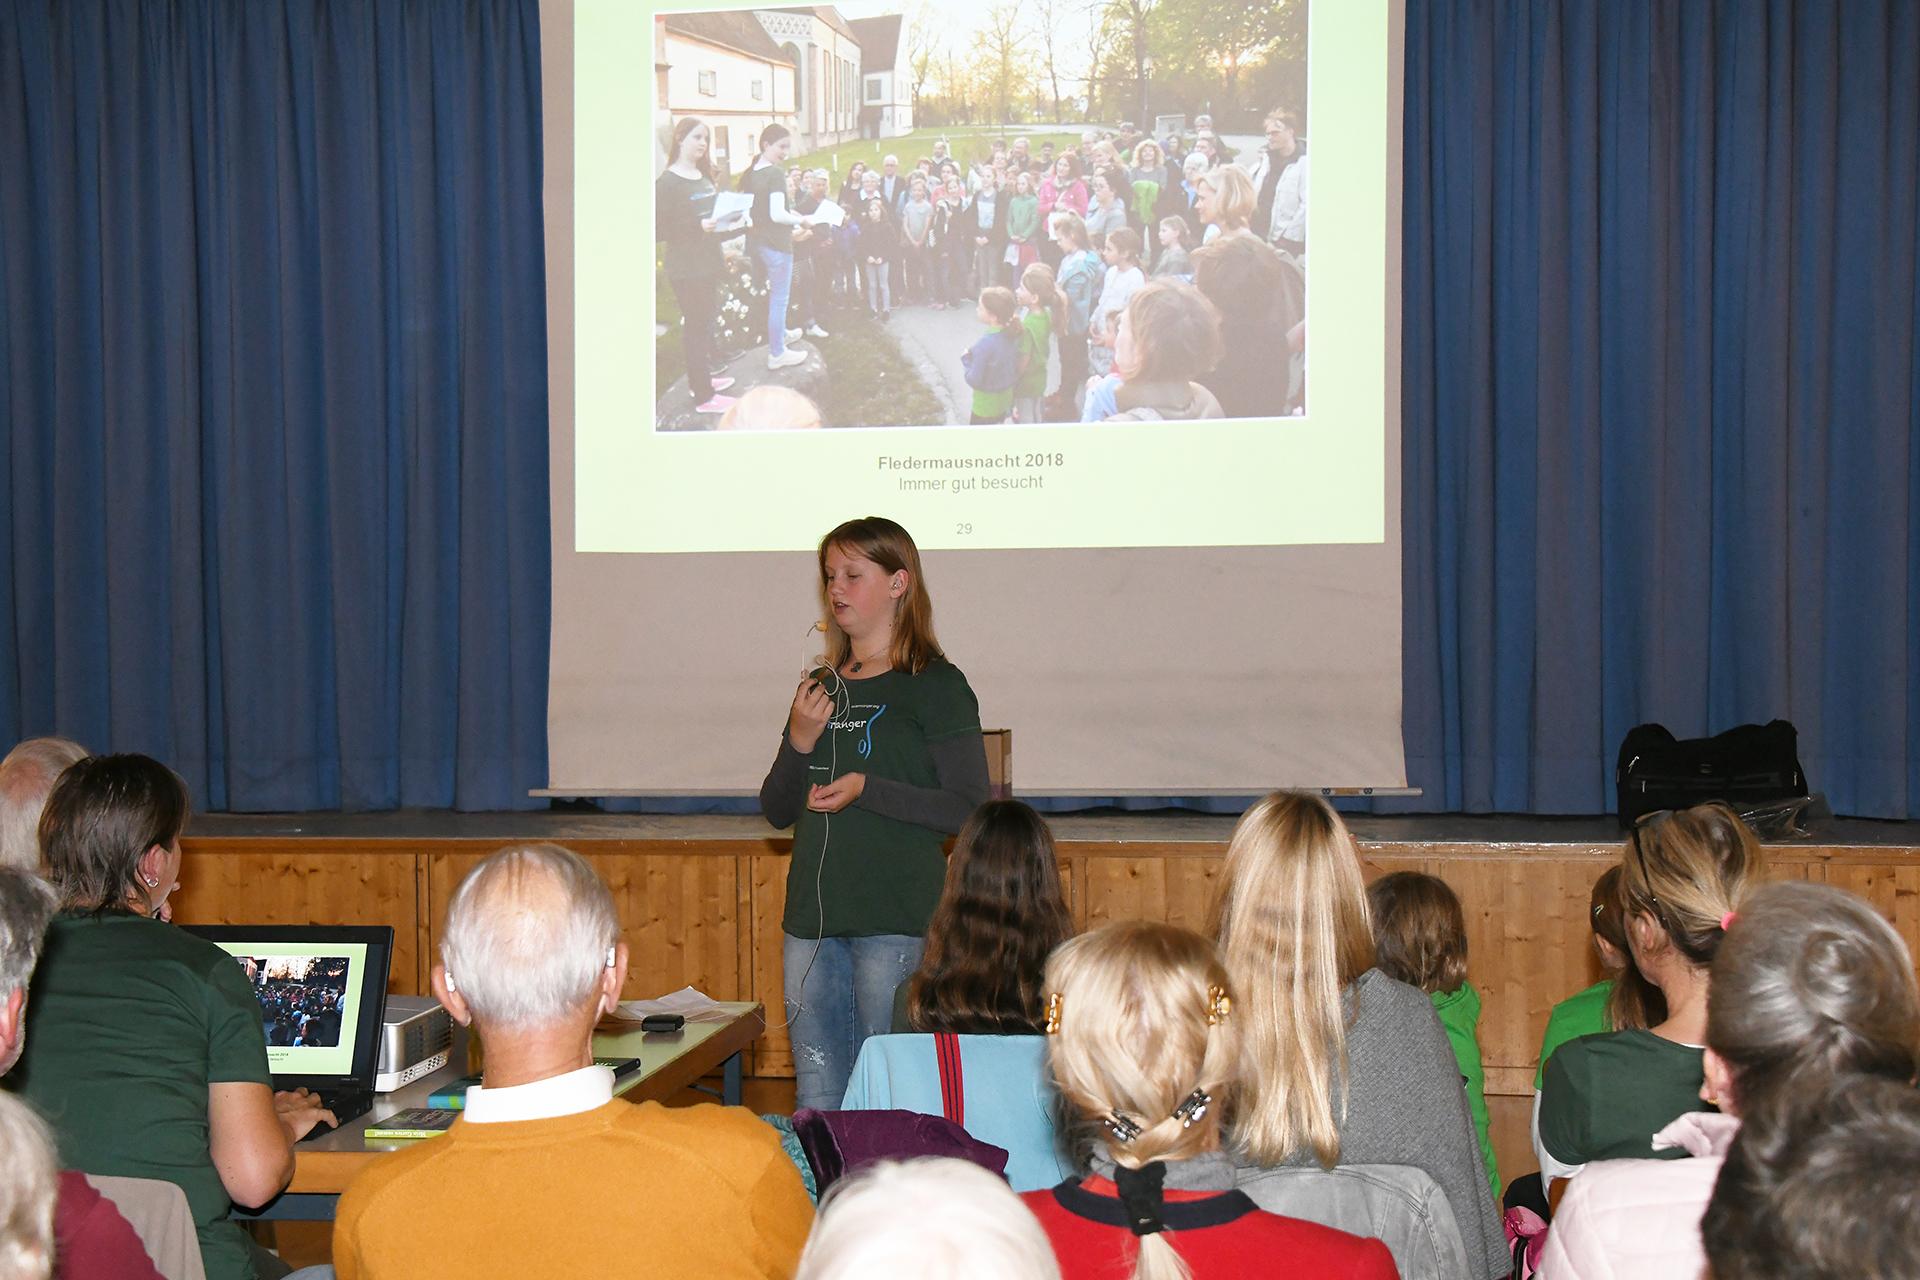 Viktoria: Begrüßung zur Fledermausnacht